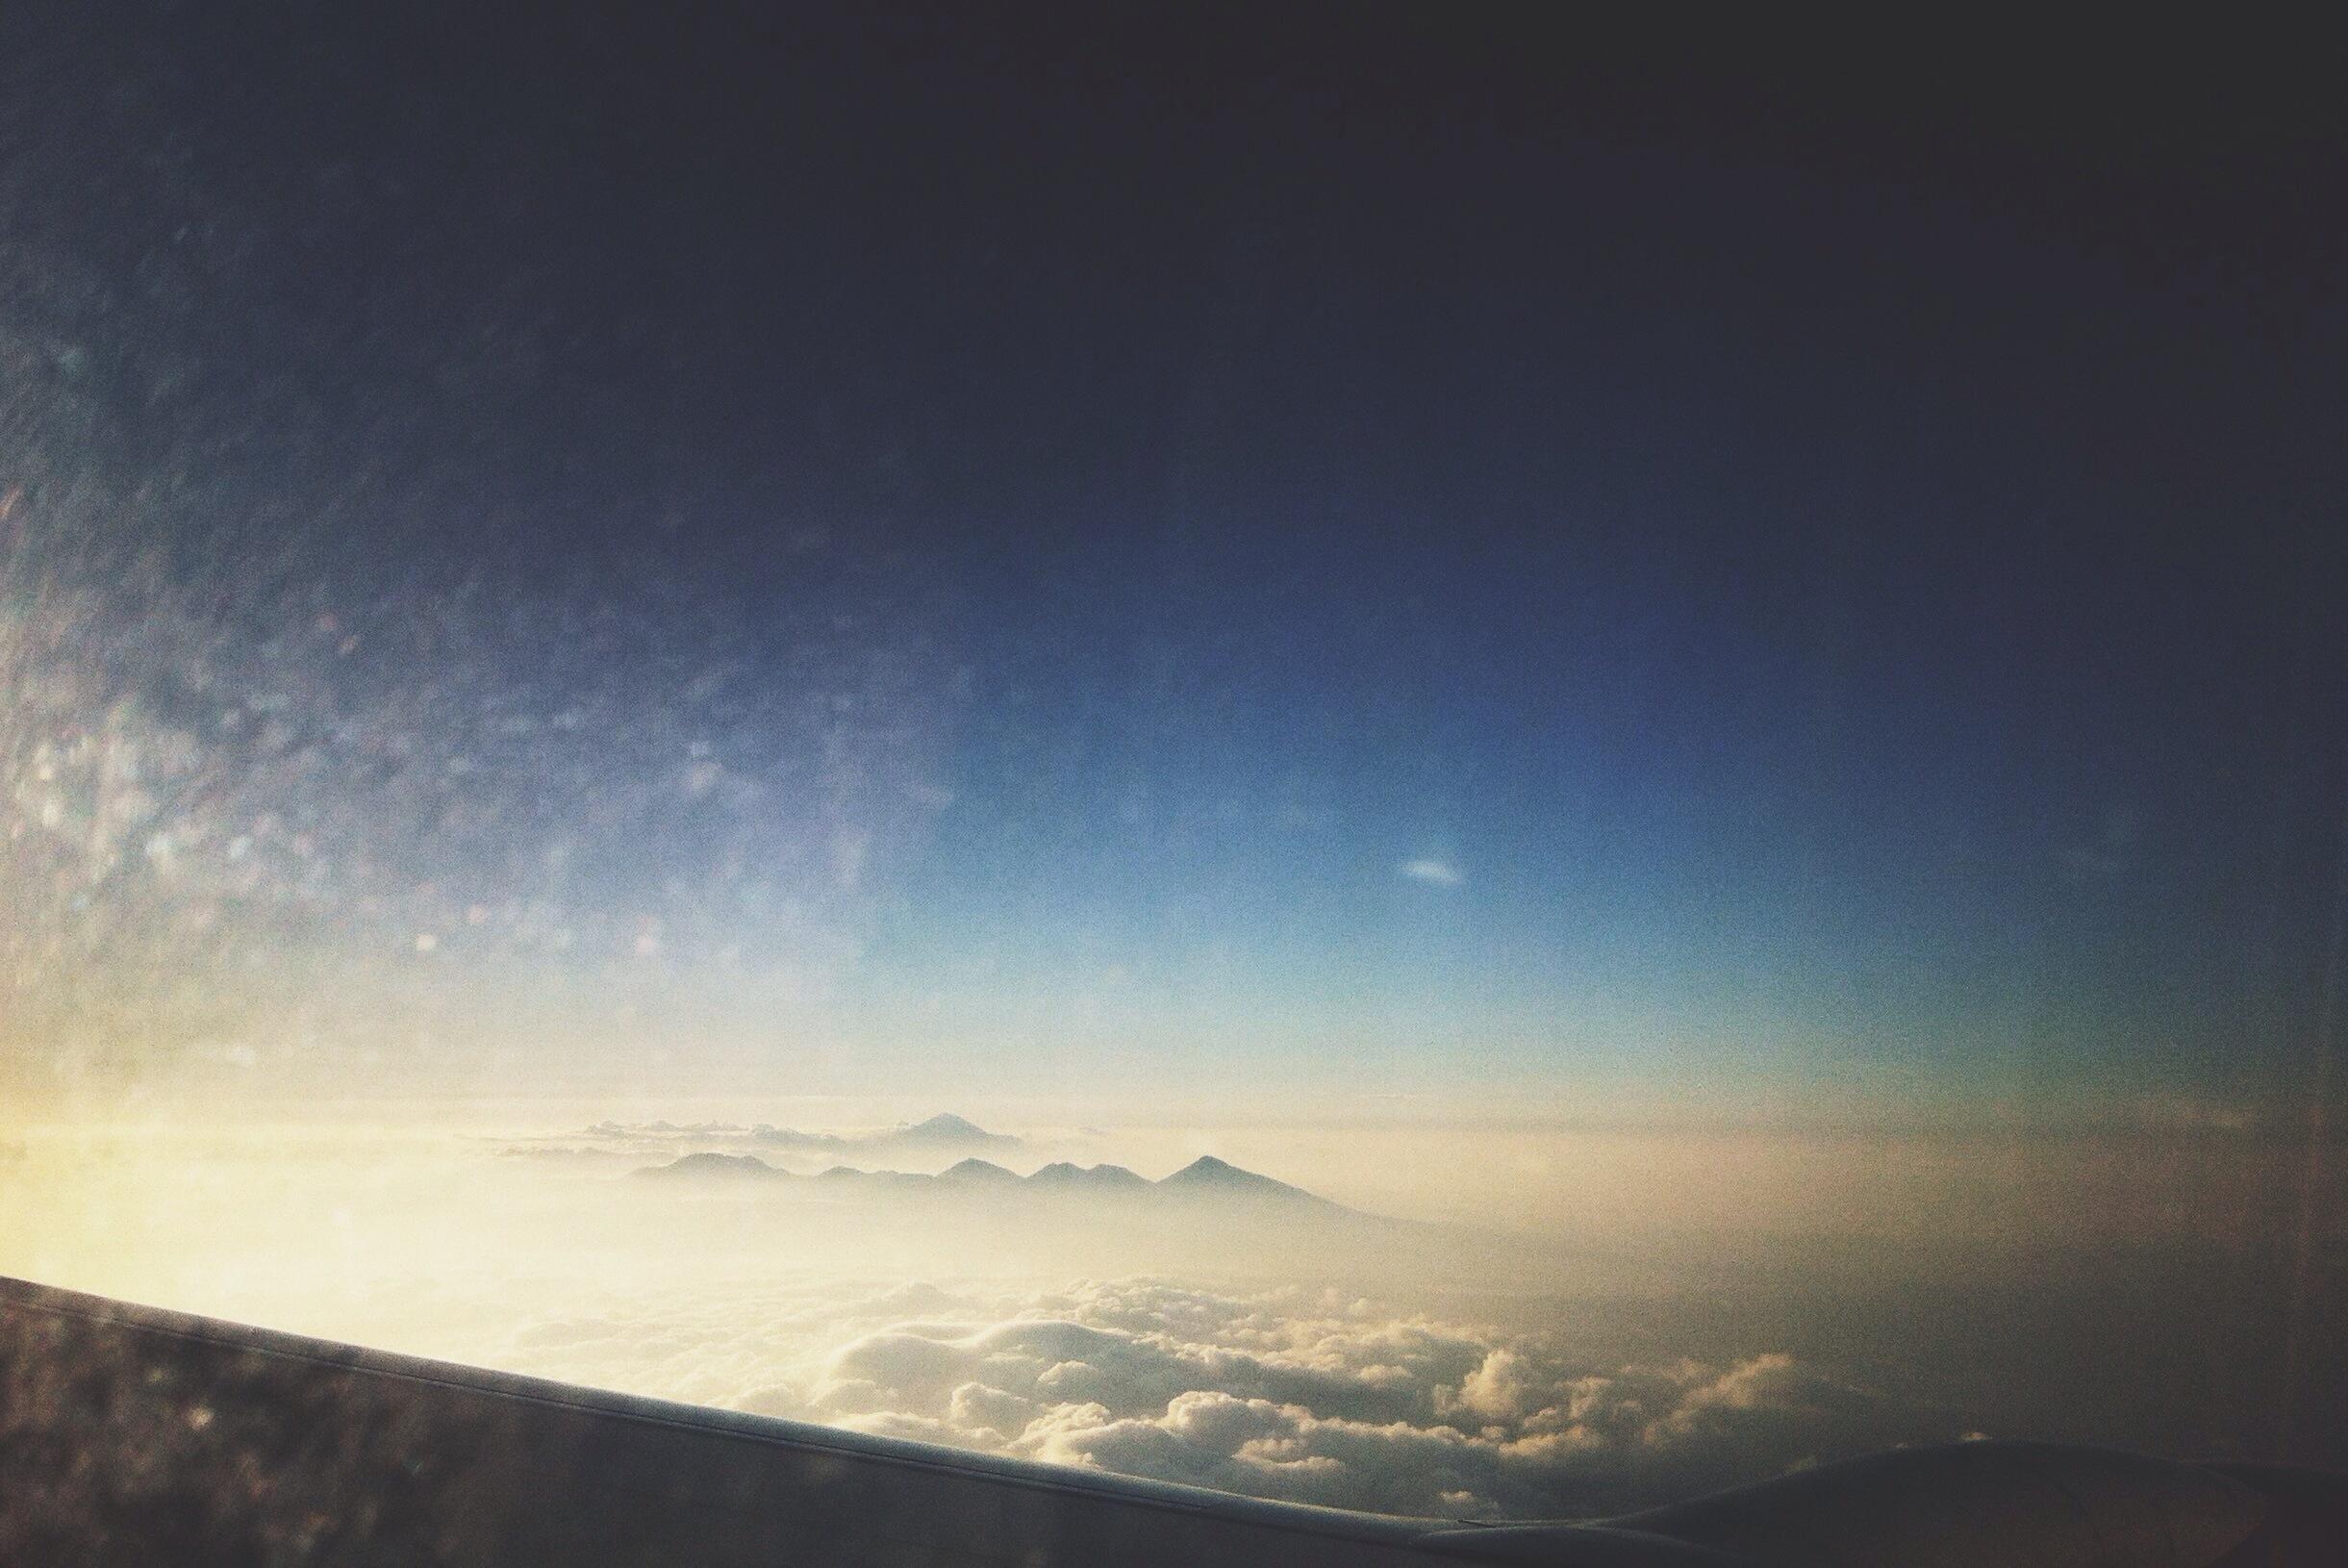 Veilig aangekomen in Jakarta maar gestrand op Bali